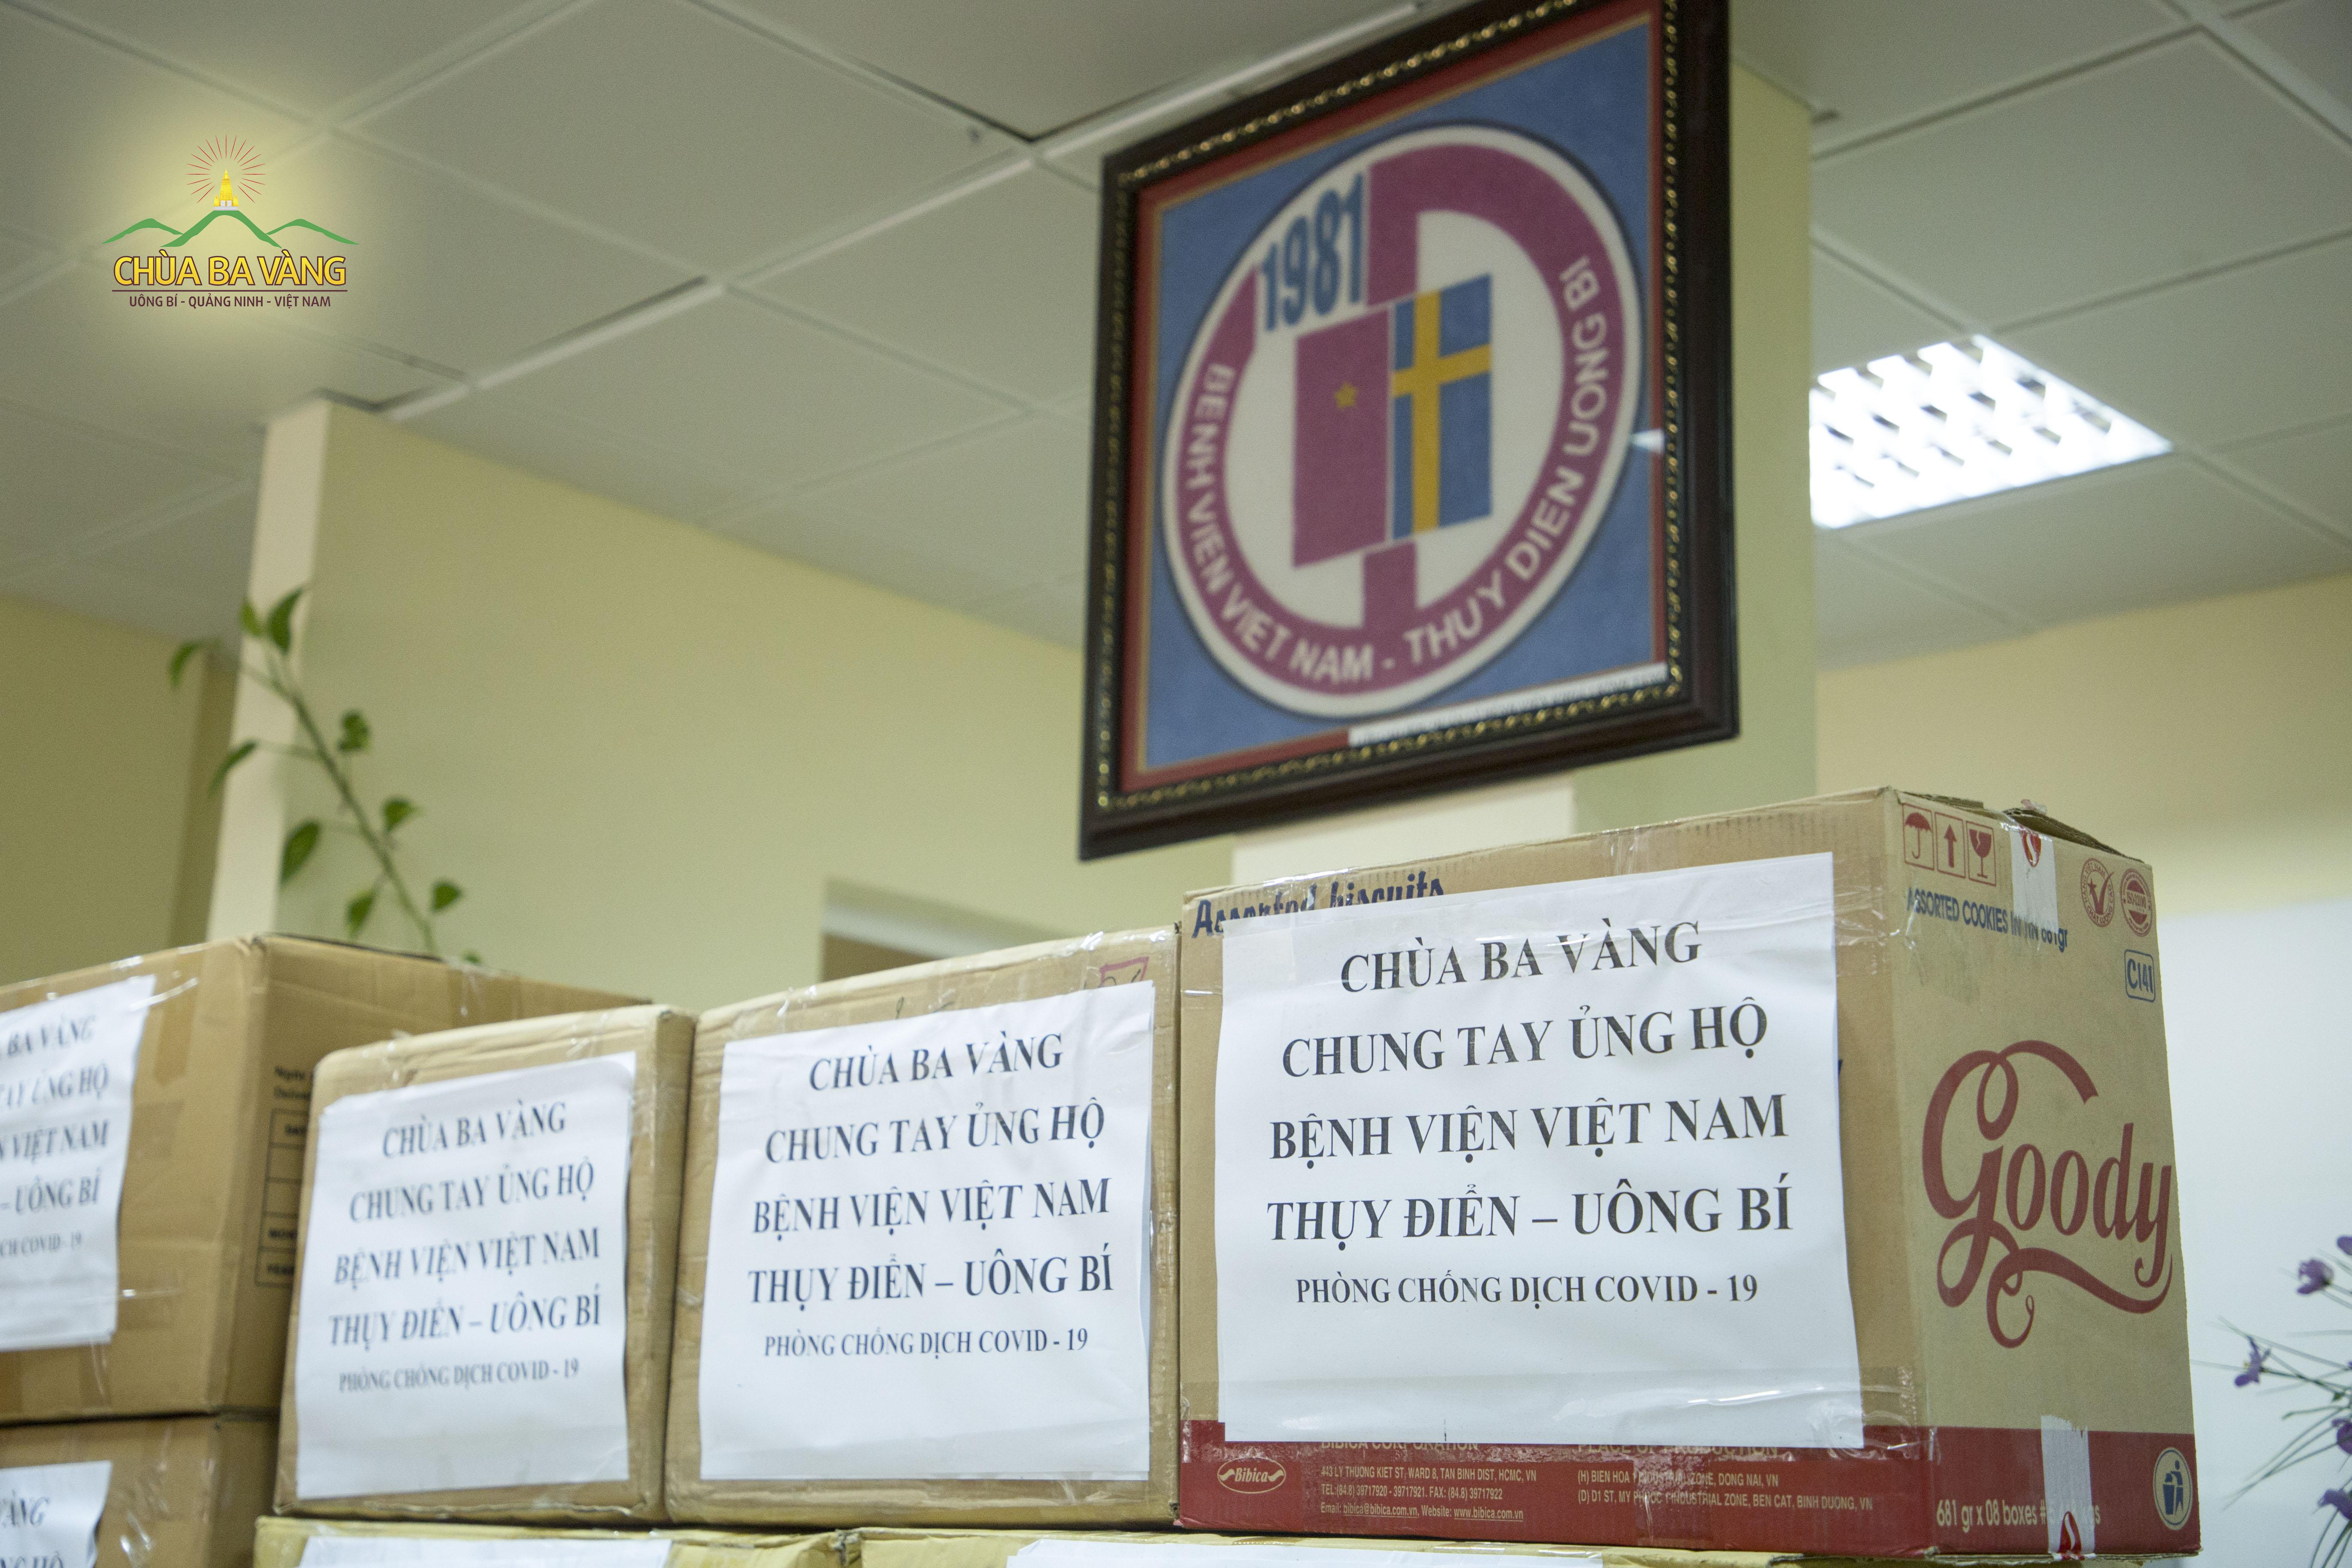 Những suất quà chùa Ba Vàng gửi tặng bệnh viện Việt Nam Thụy Điển